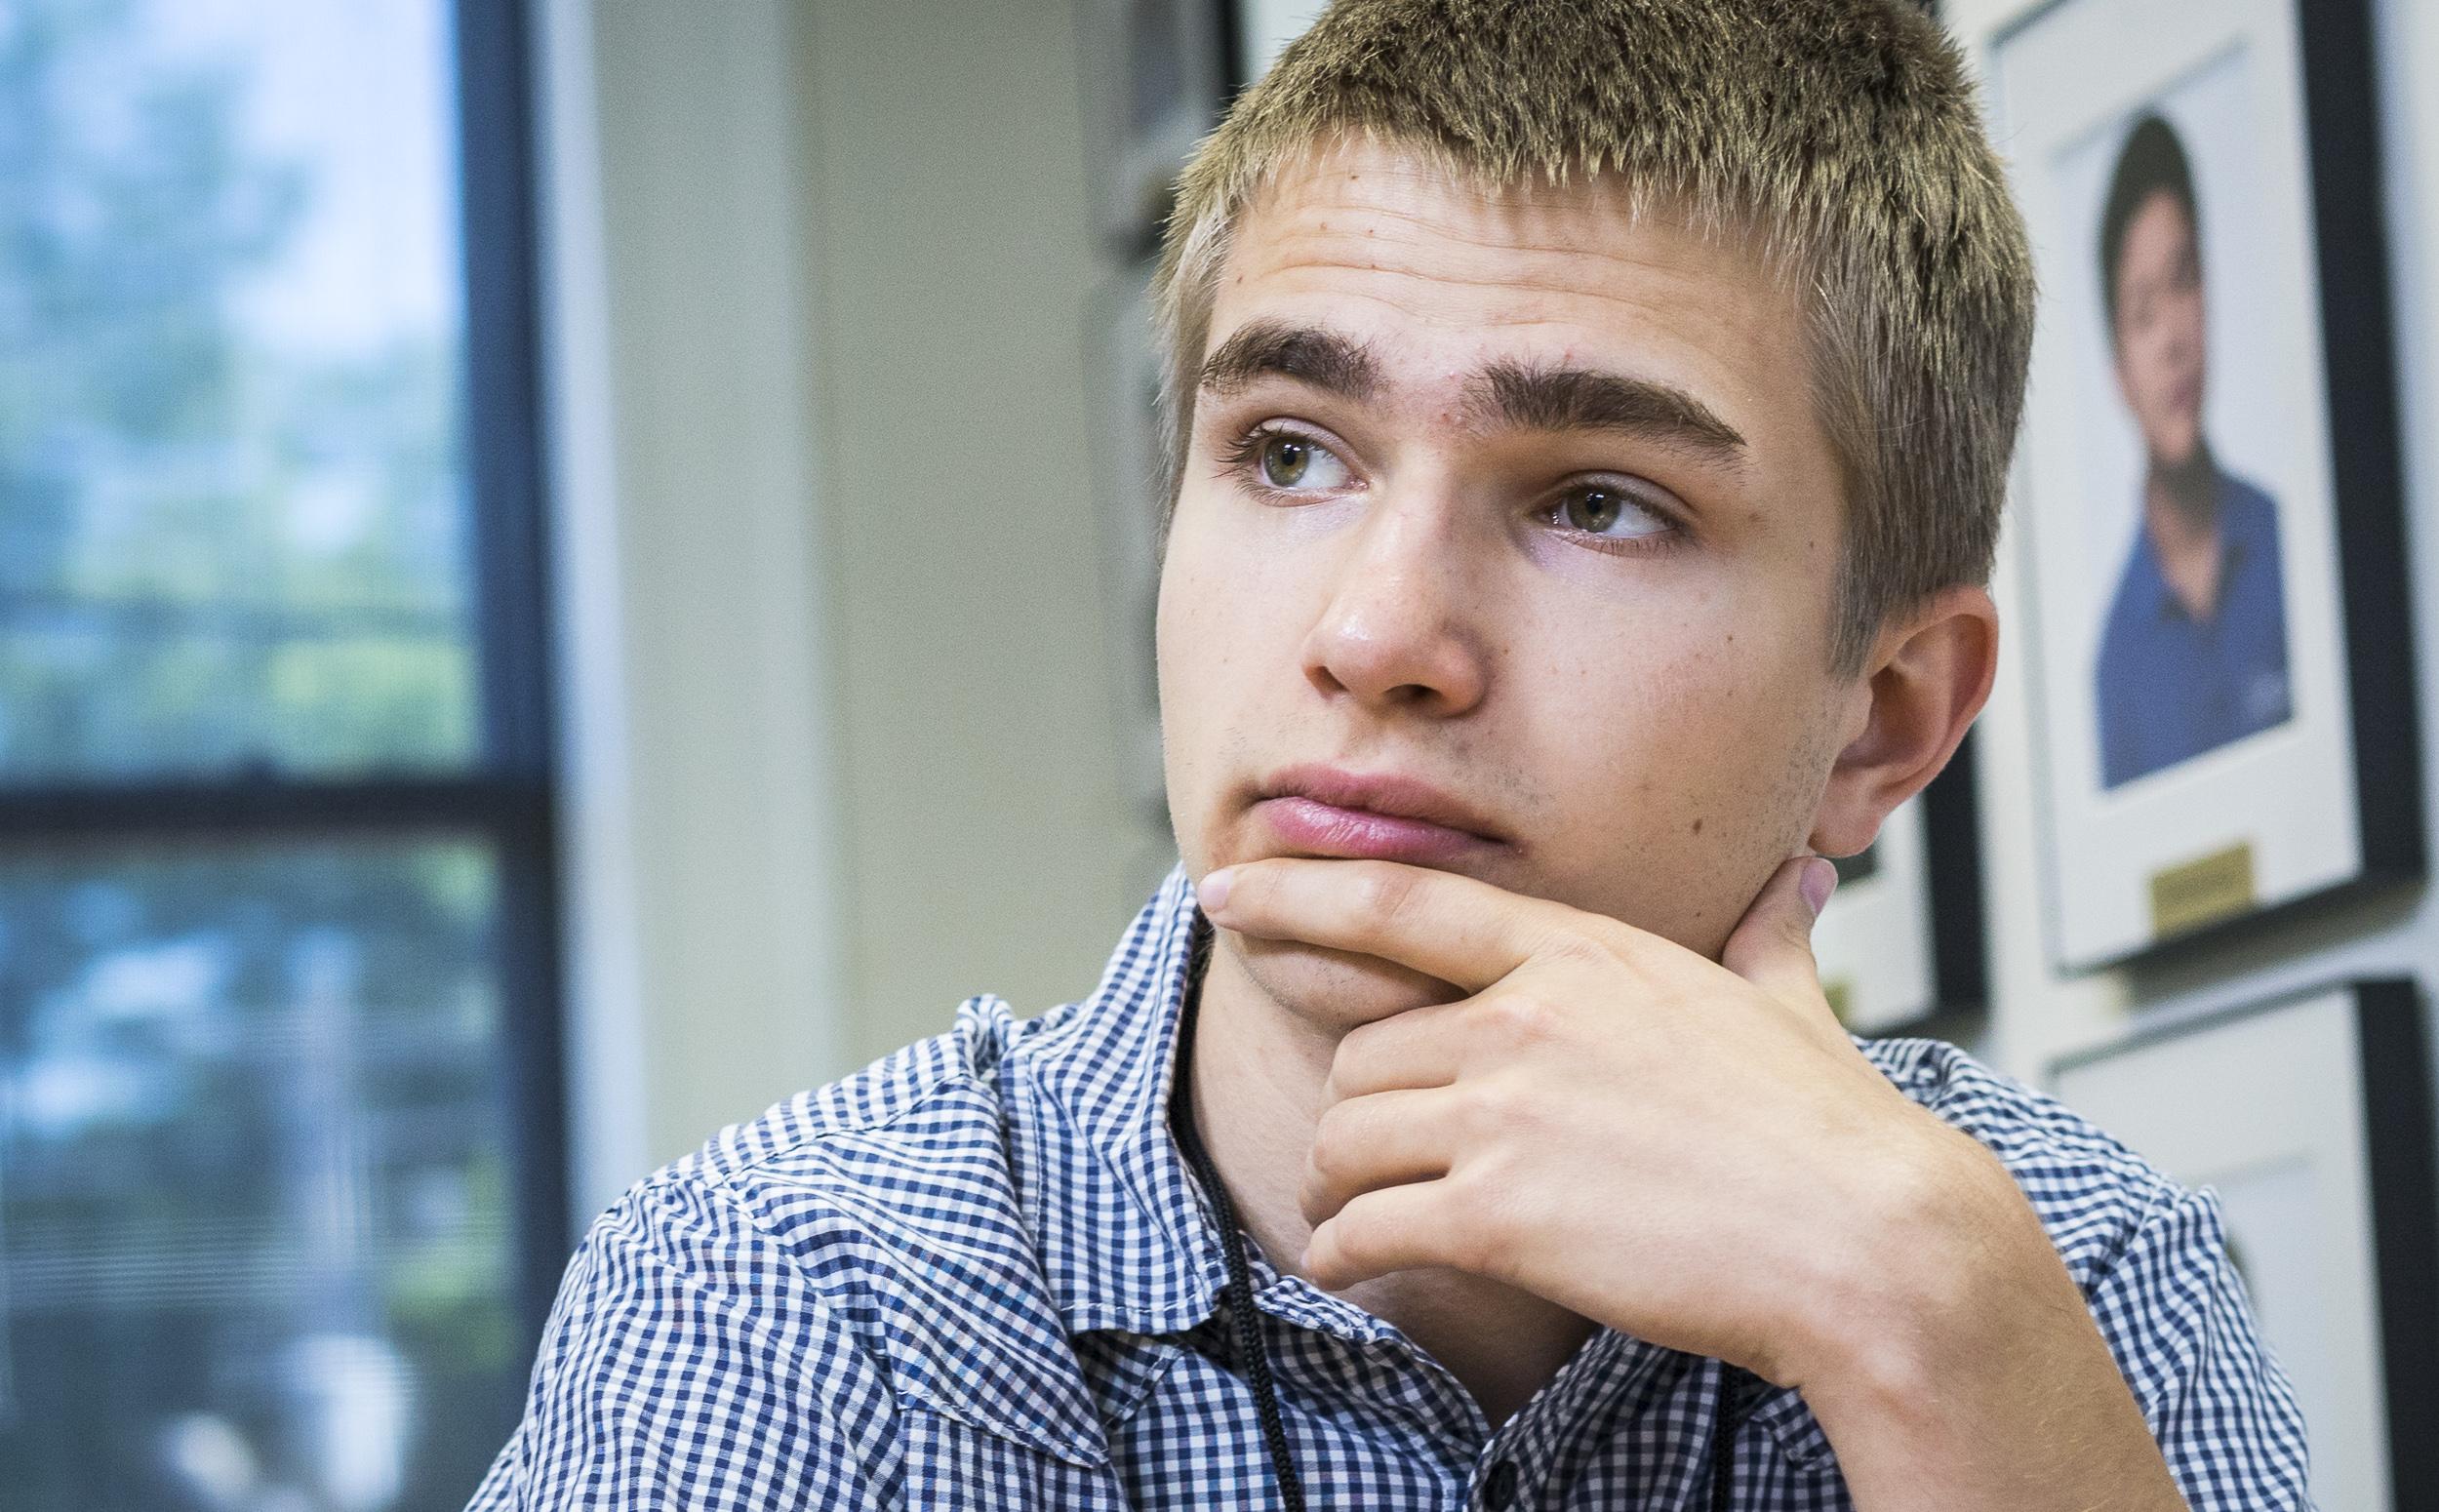 Ход конем: Шахматист из поселения Рязановское победил на турнире Высшей Лиги чемпионата России